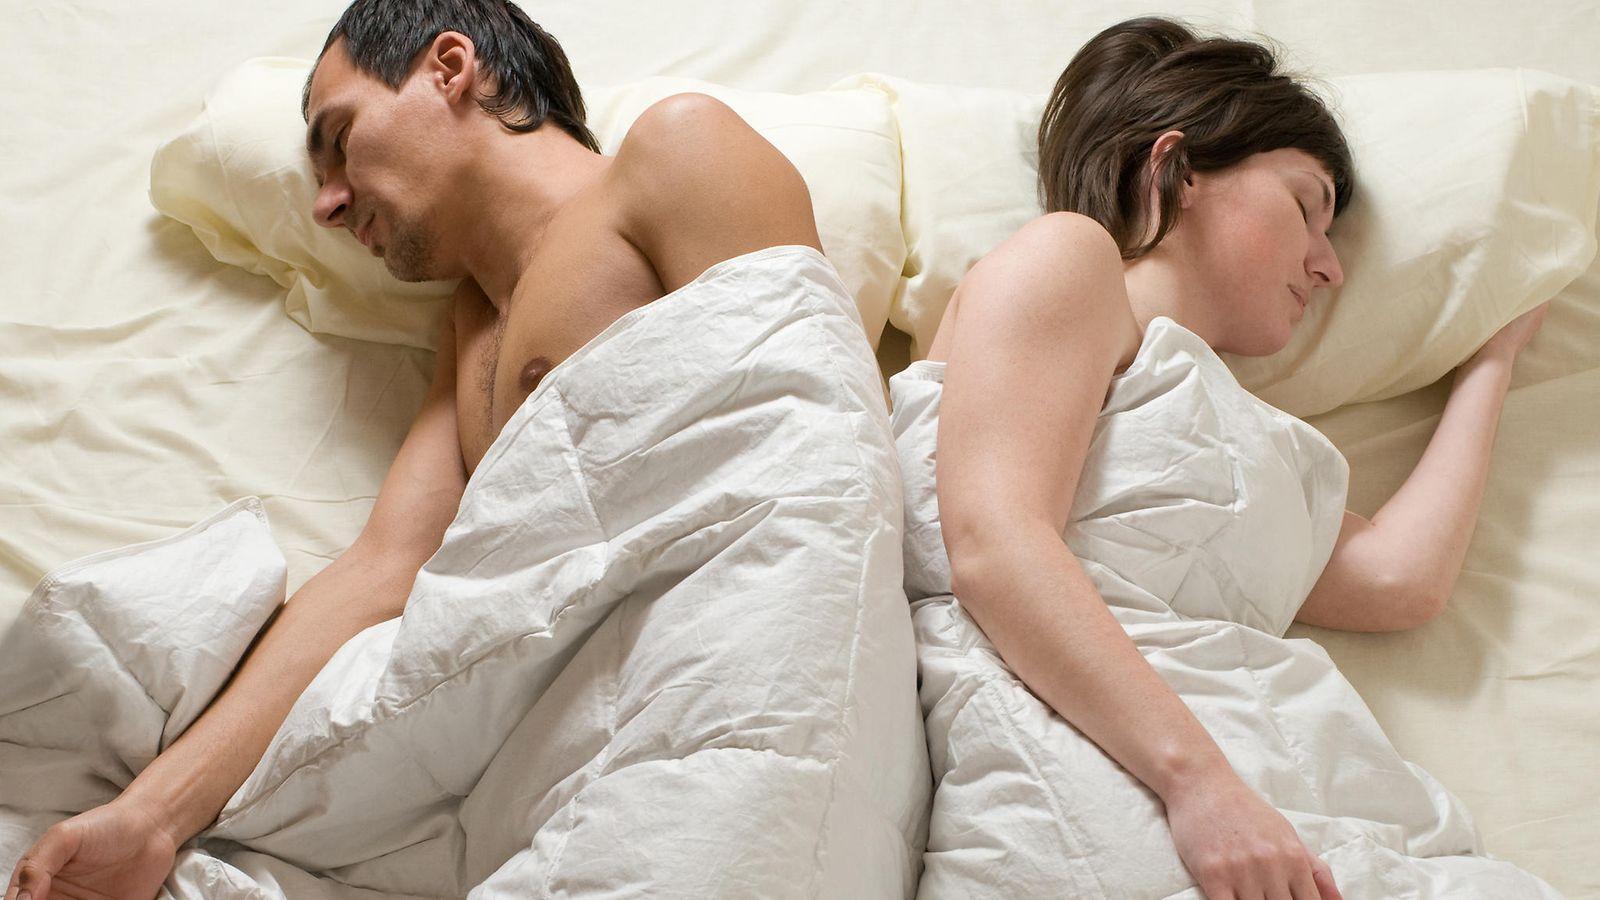 Секс с 2 женщинами и 1 мужчины, Секс втроём - отличный вид порно, очень много разврата 11 фотография